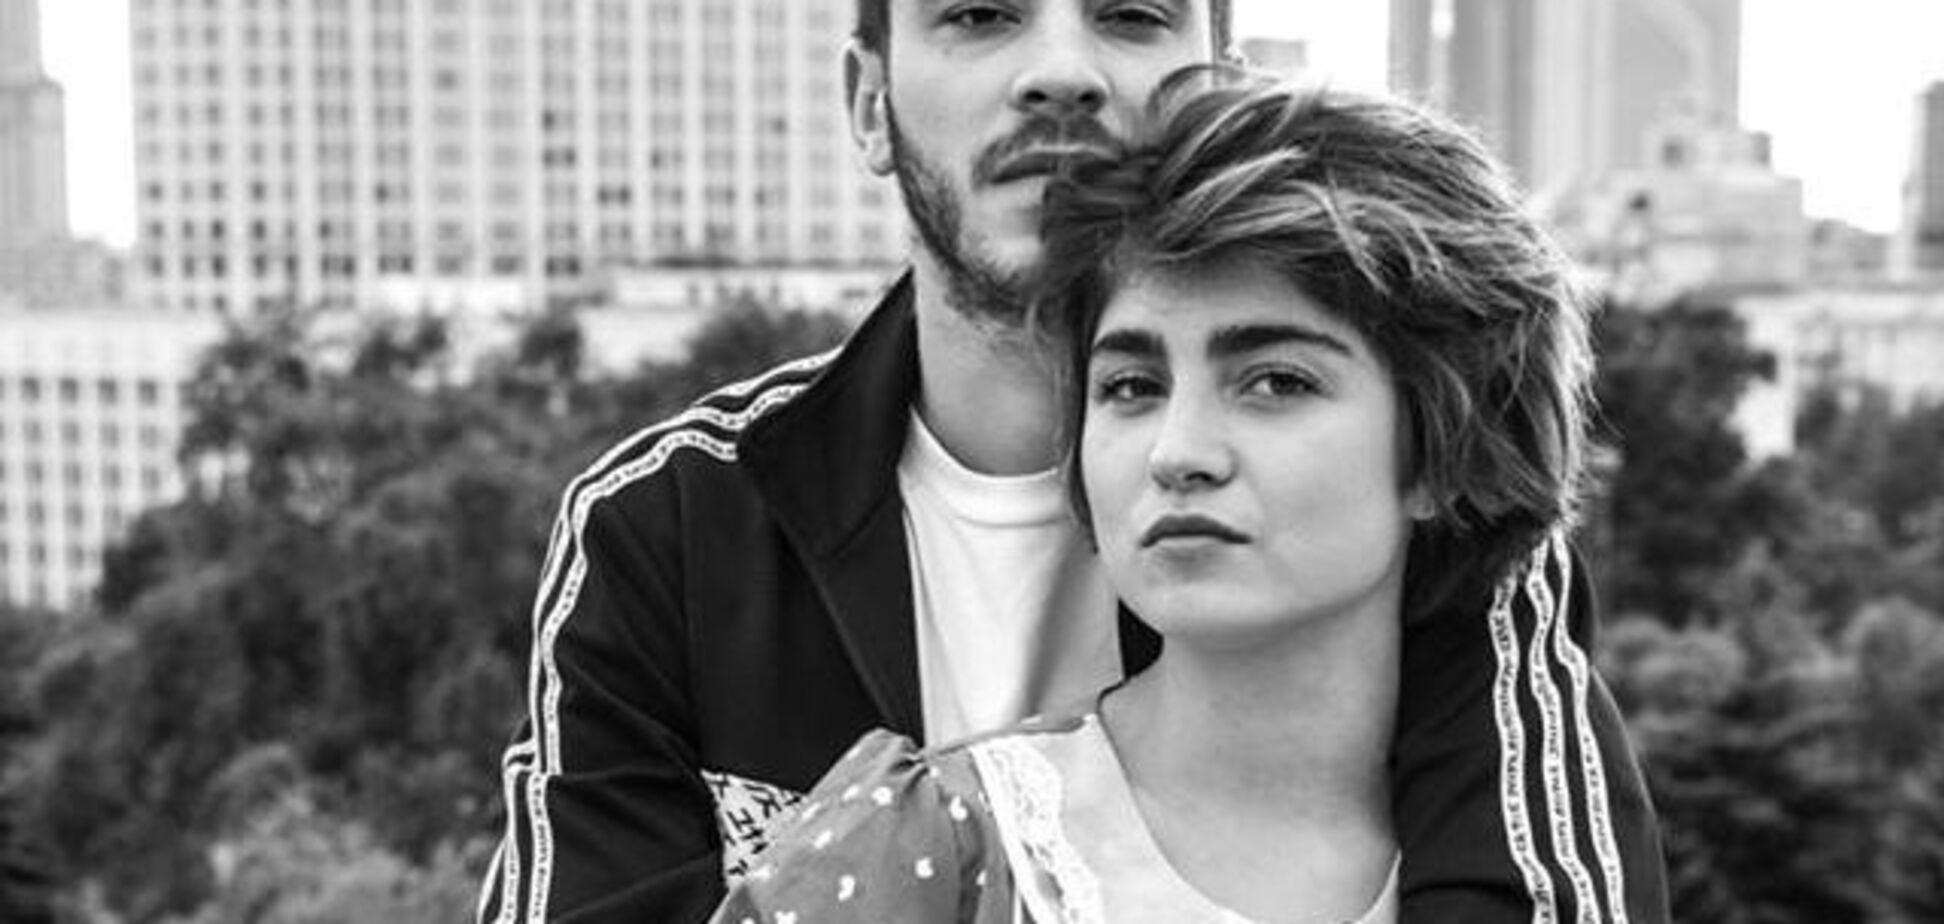 'Це зашквар': на Одеському кінофестивалі переміг фільм з другом терориста 'ДНР' Мотороли